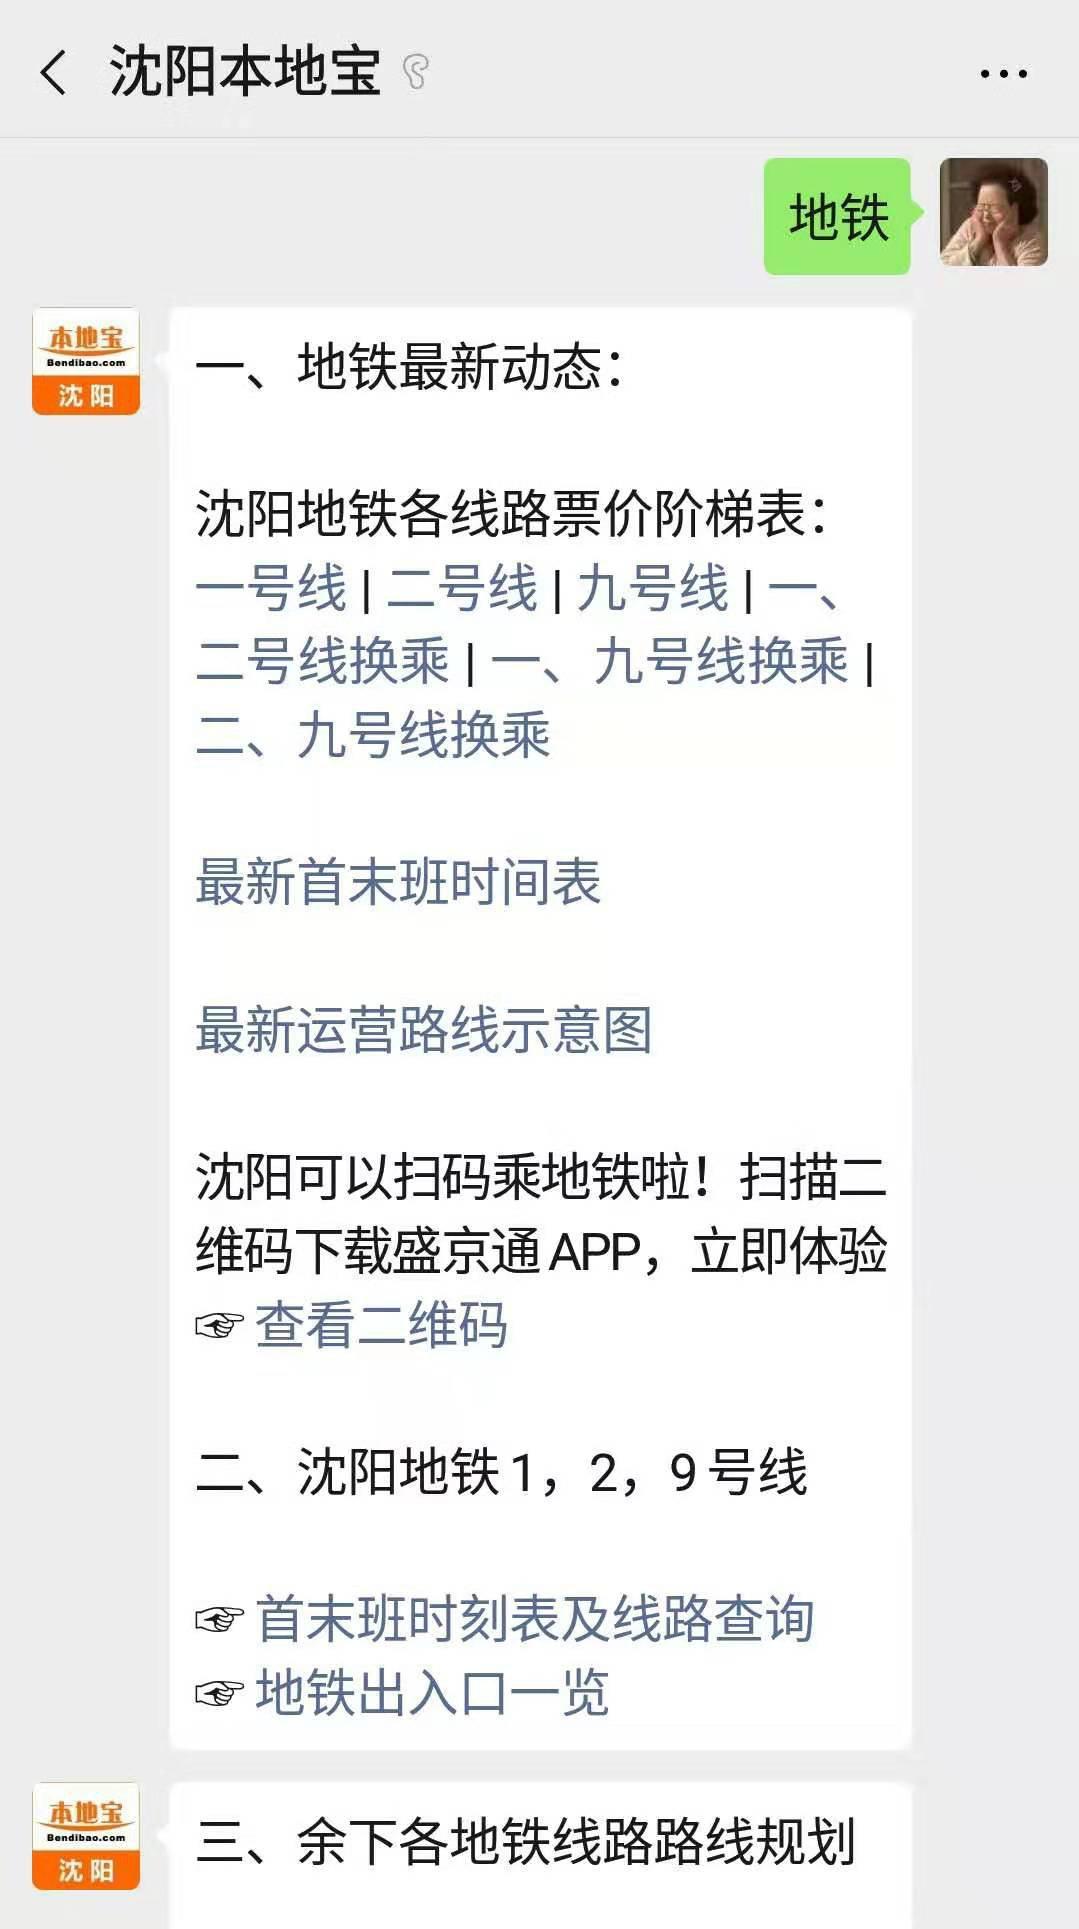 沈阳地铁2号线南延线最信息消息